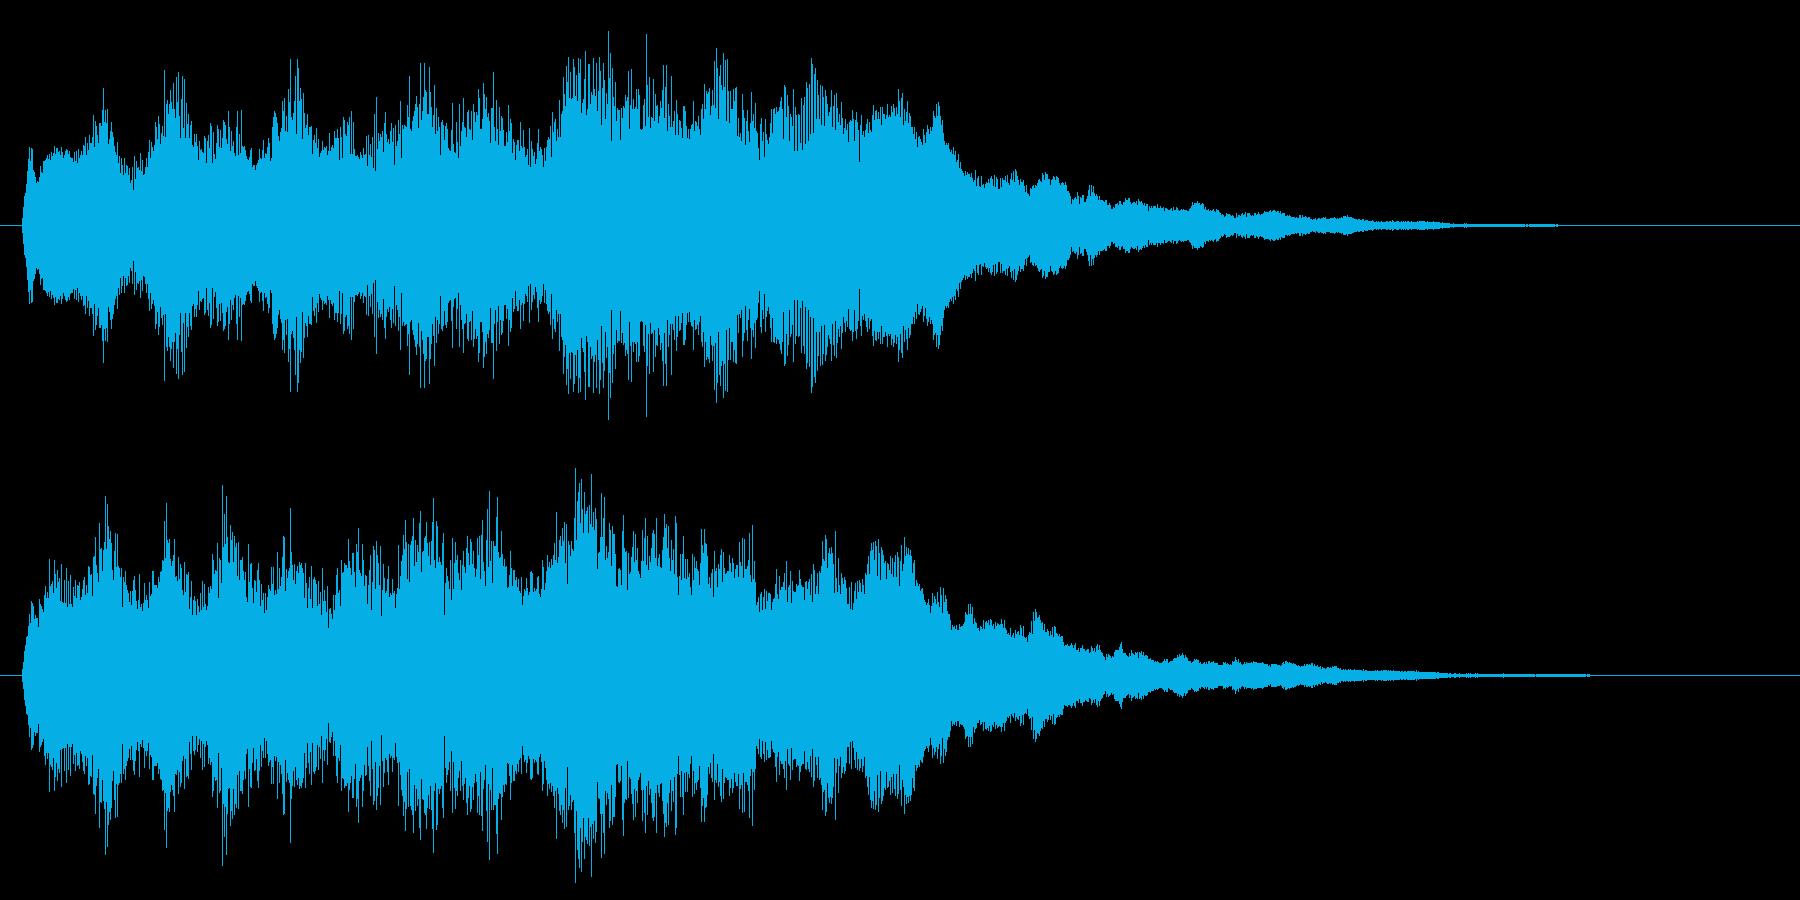 パイプオルガンで不安感あおるジングルの再生済みの波形